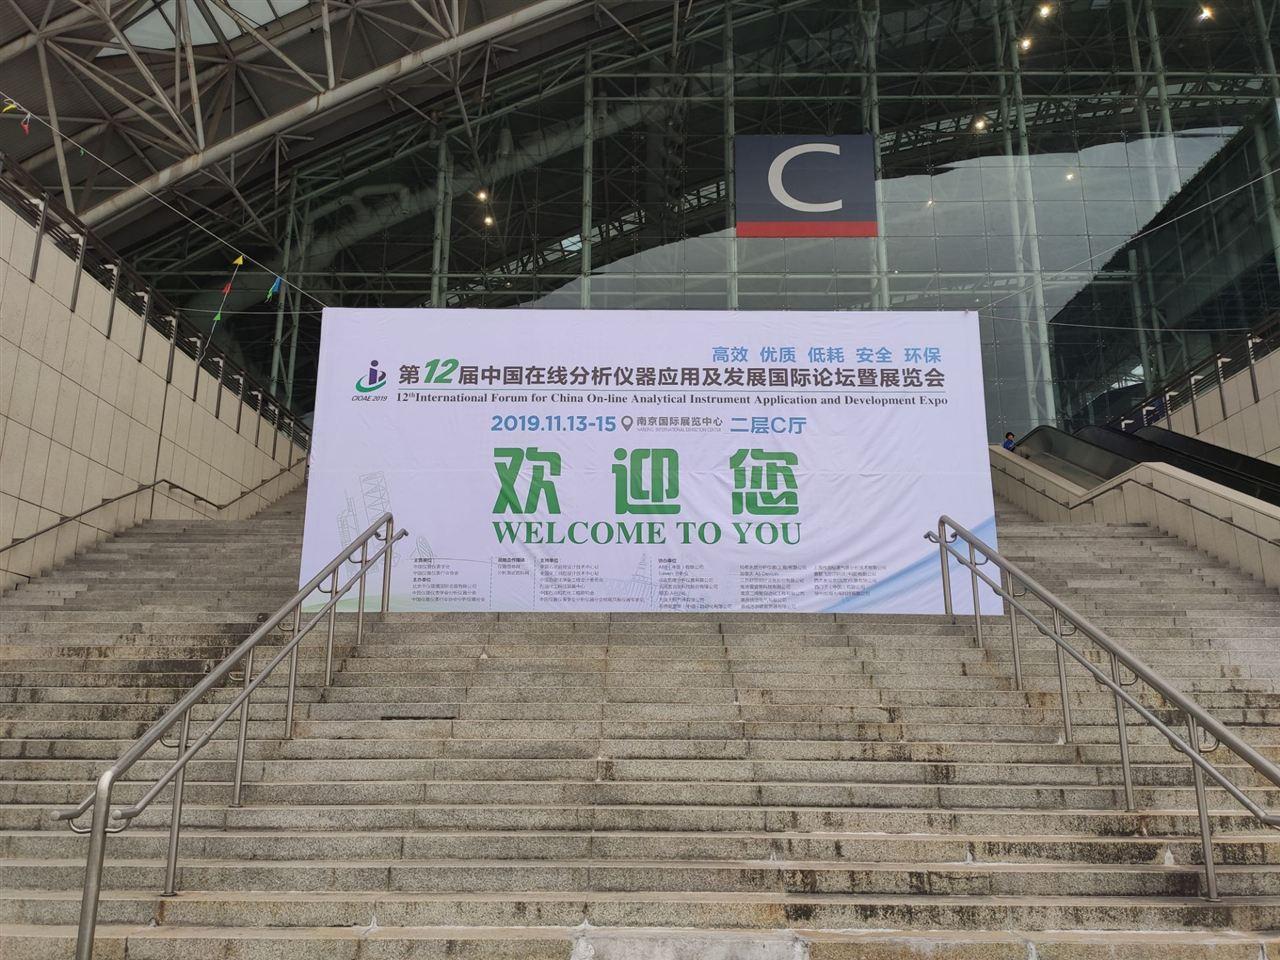 千呼万唤始出来!仪器网邀您参加第十二届中国在线分析仪器应用及发展国际论坛暨展览会